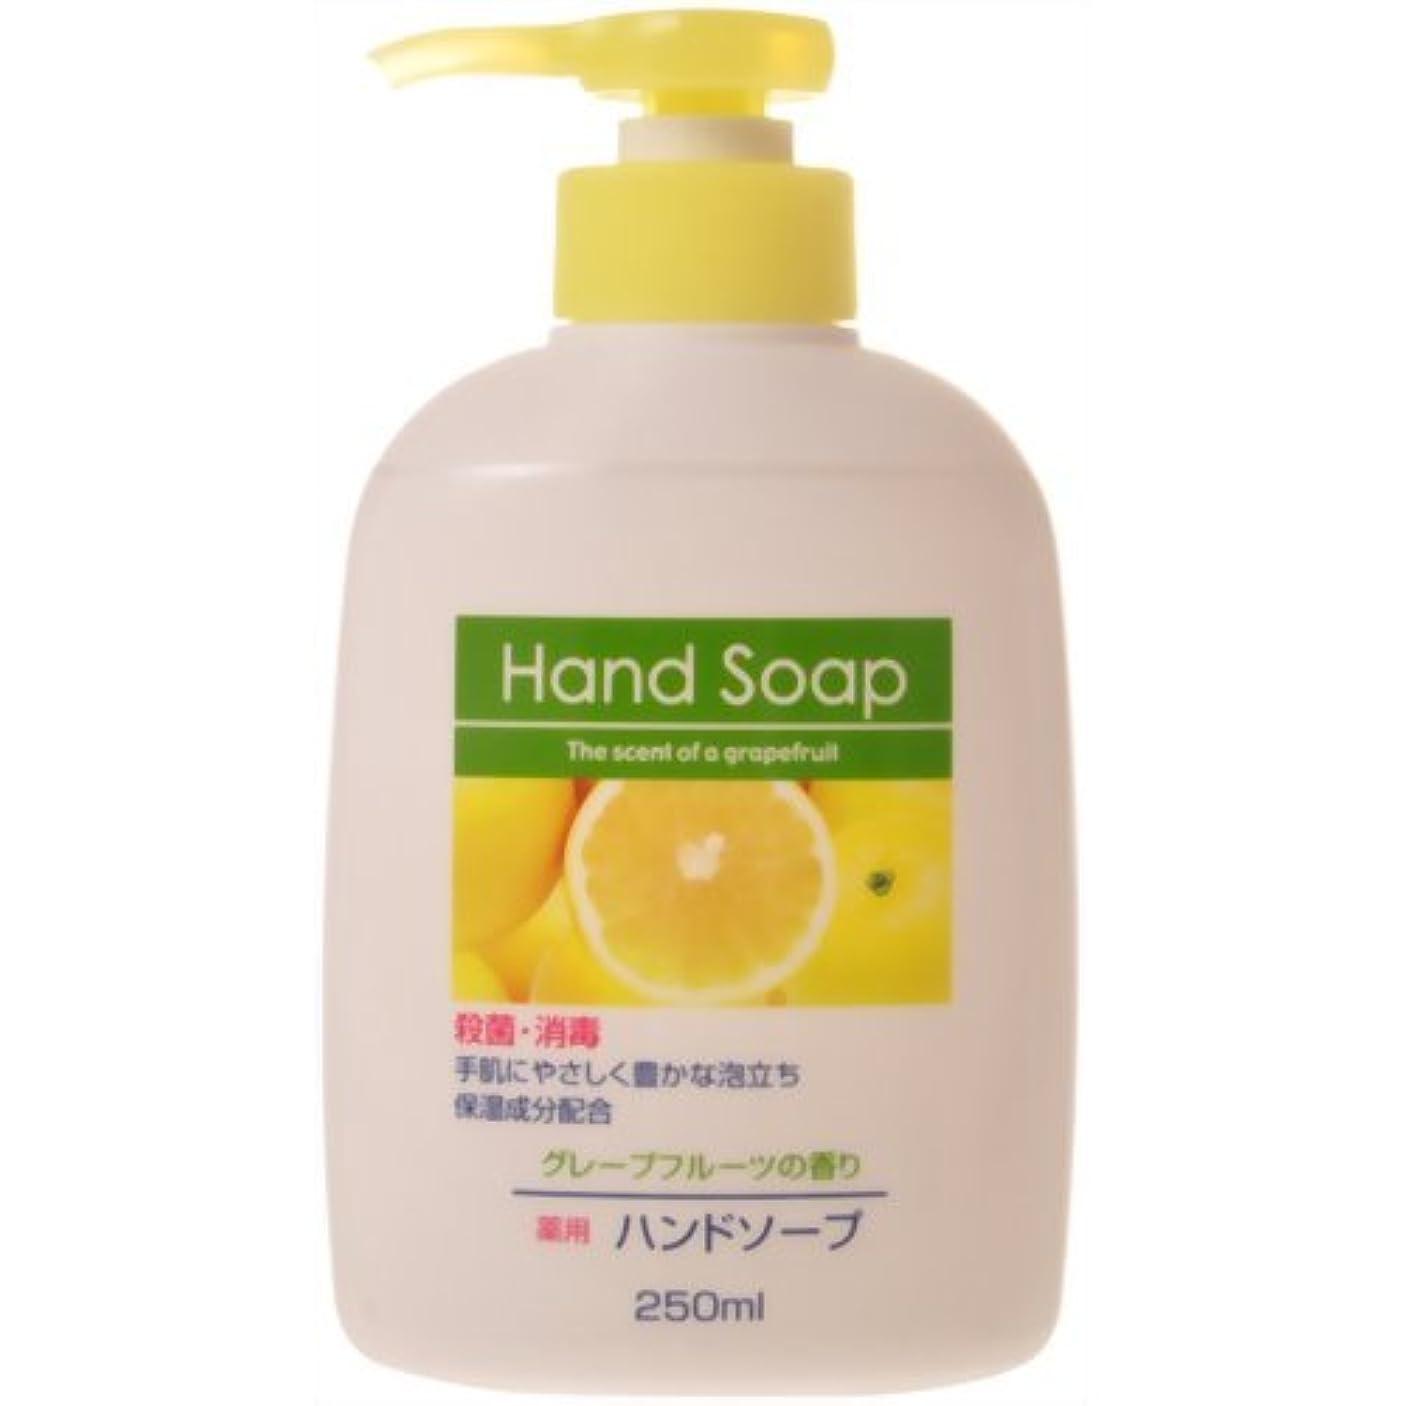 過半数おしゃれな雰囲気薬用ハンドソープ グレープフルーツの香り 本体 250ml